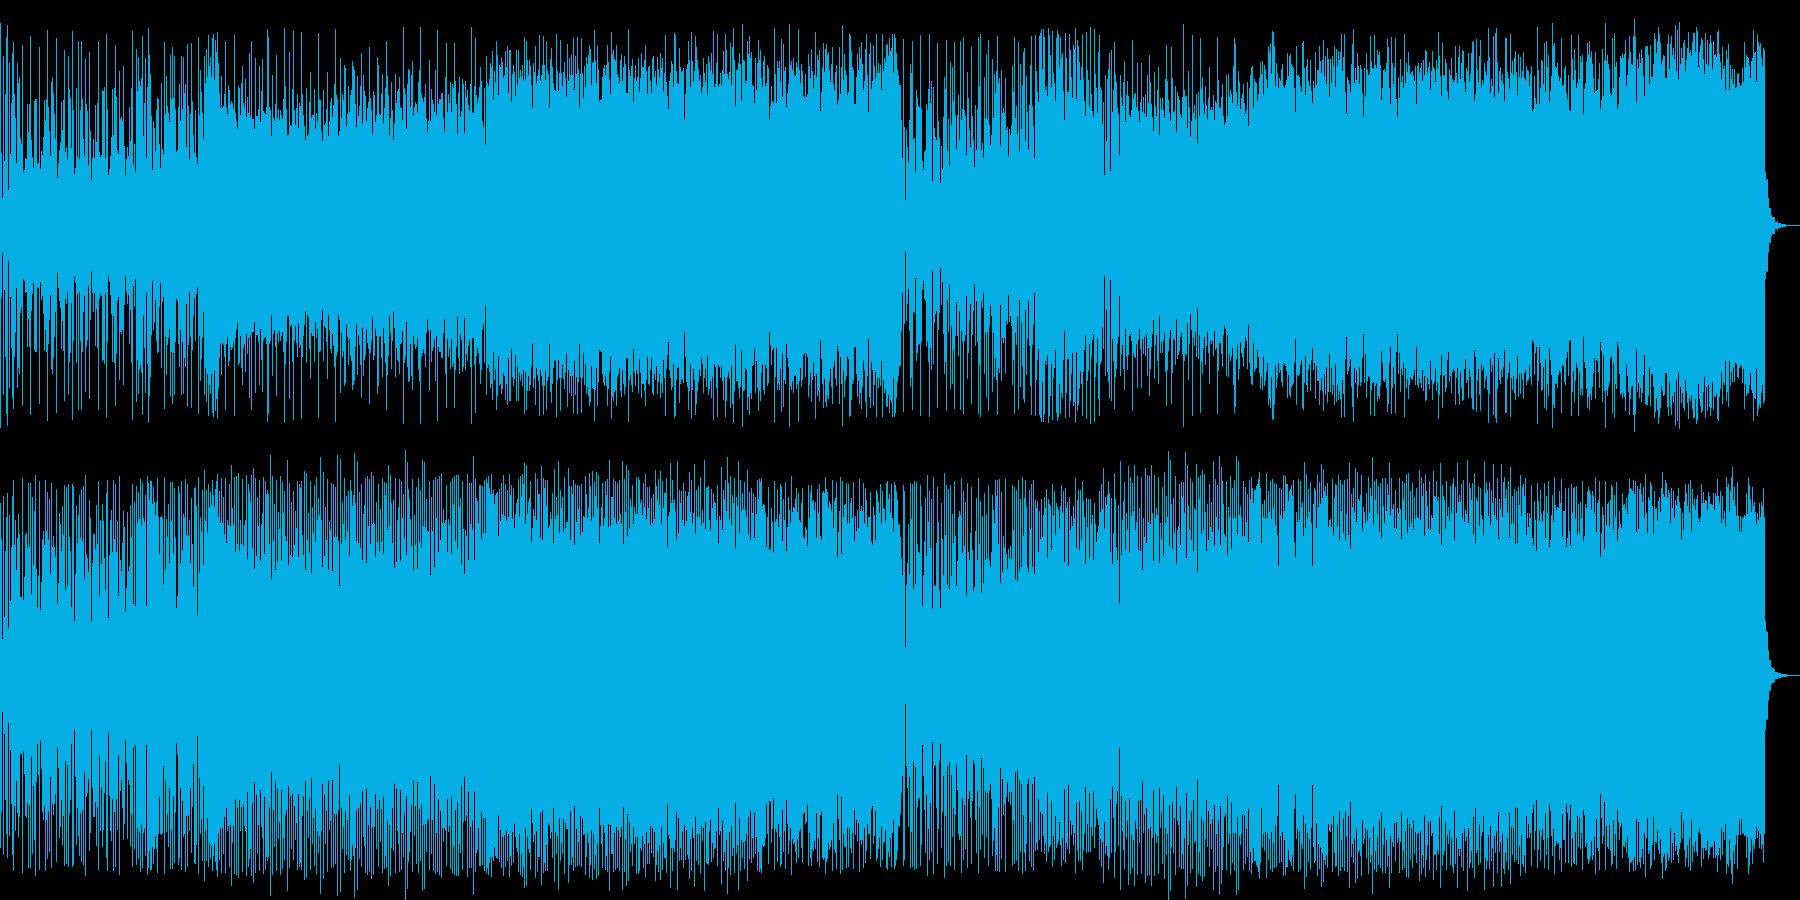 鮮明で煌びやかなポップハウス曲の再生済みの波形